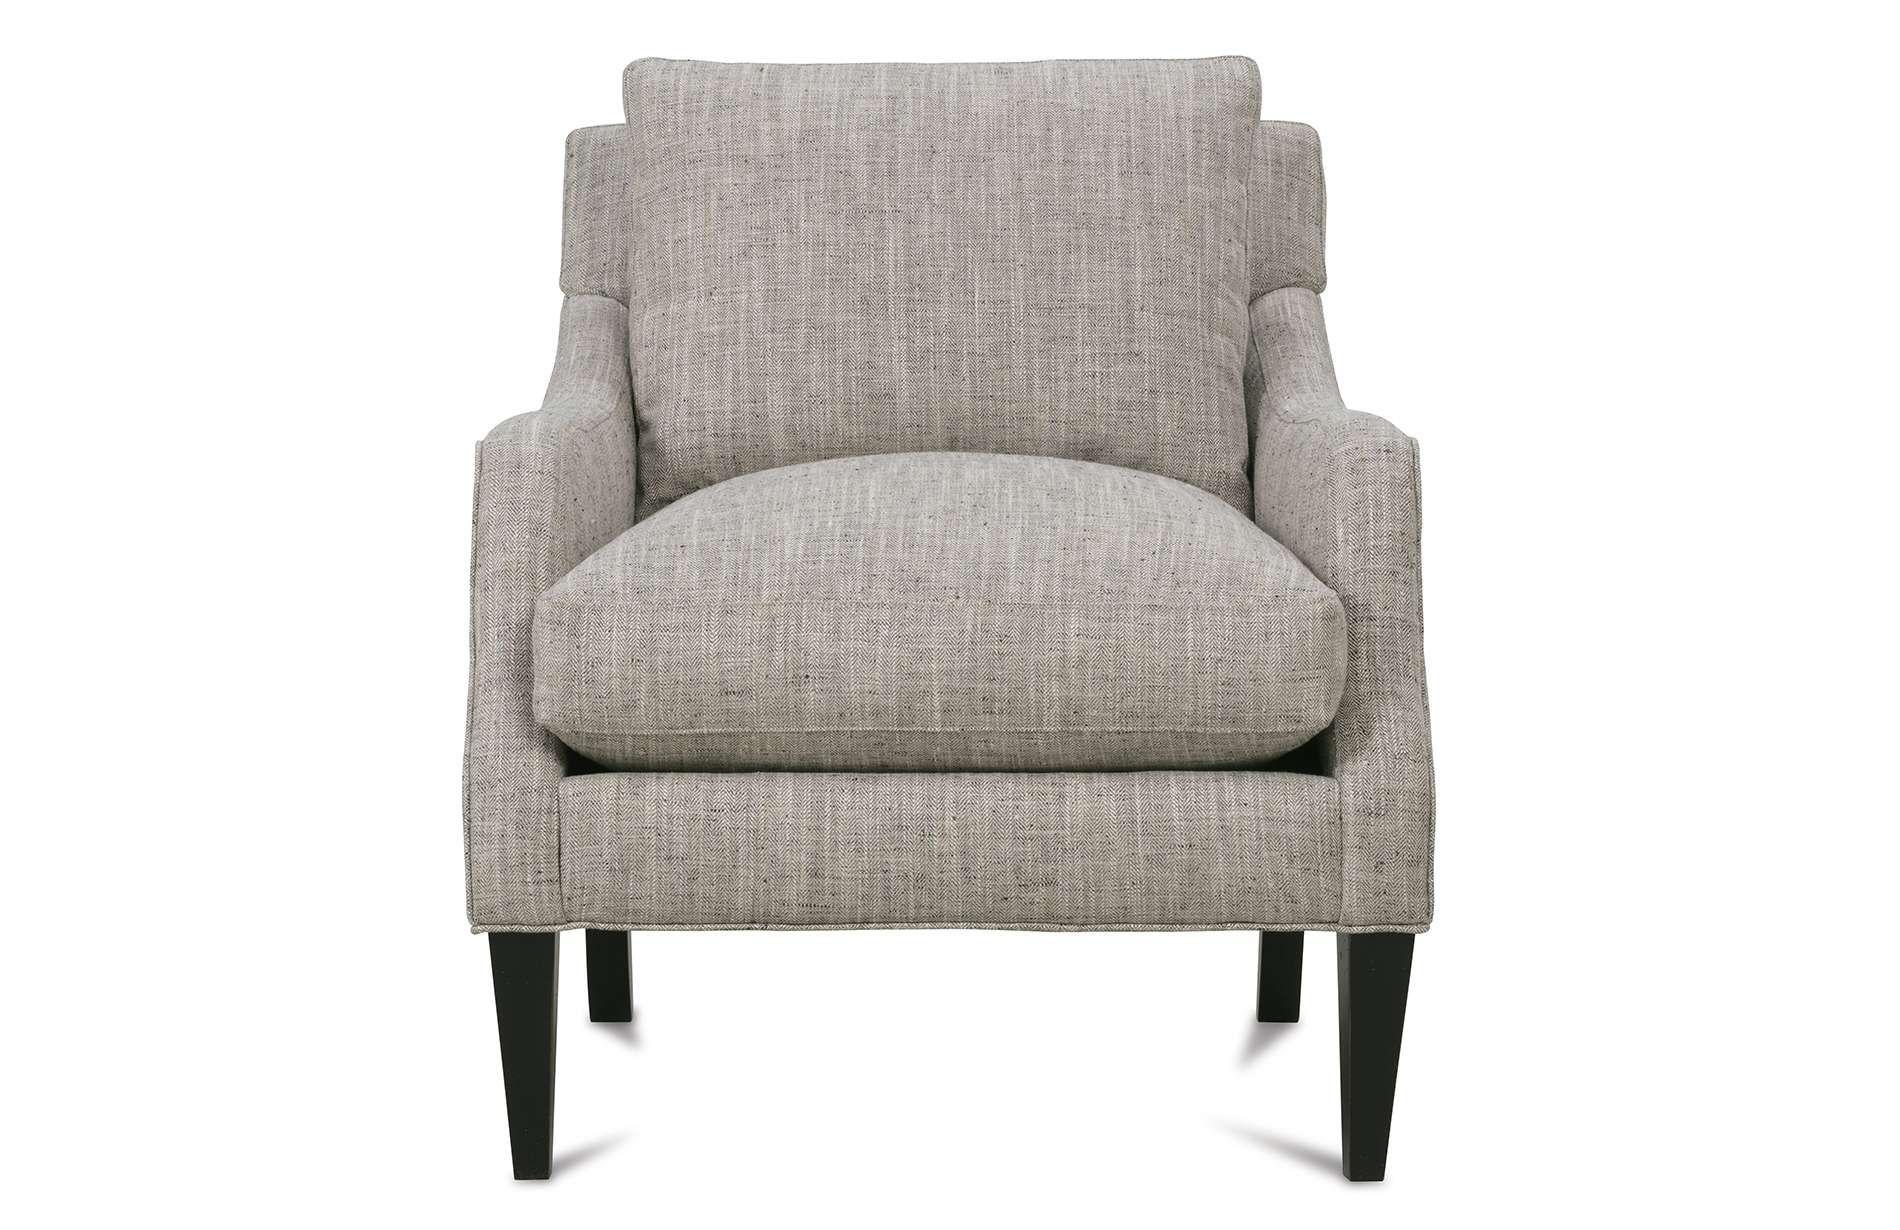 Robin Bruce Furniture, Mally, 28 X 35